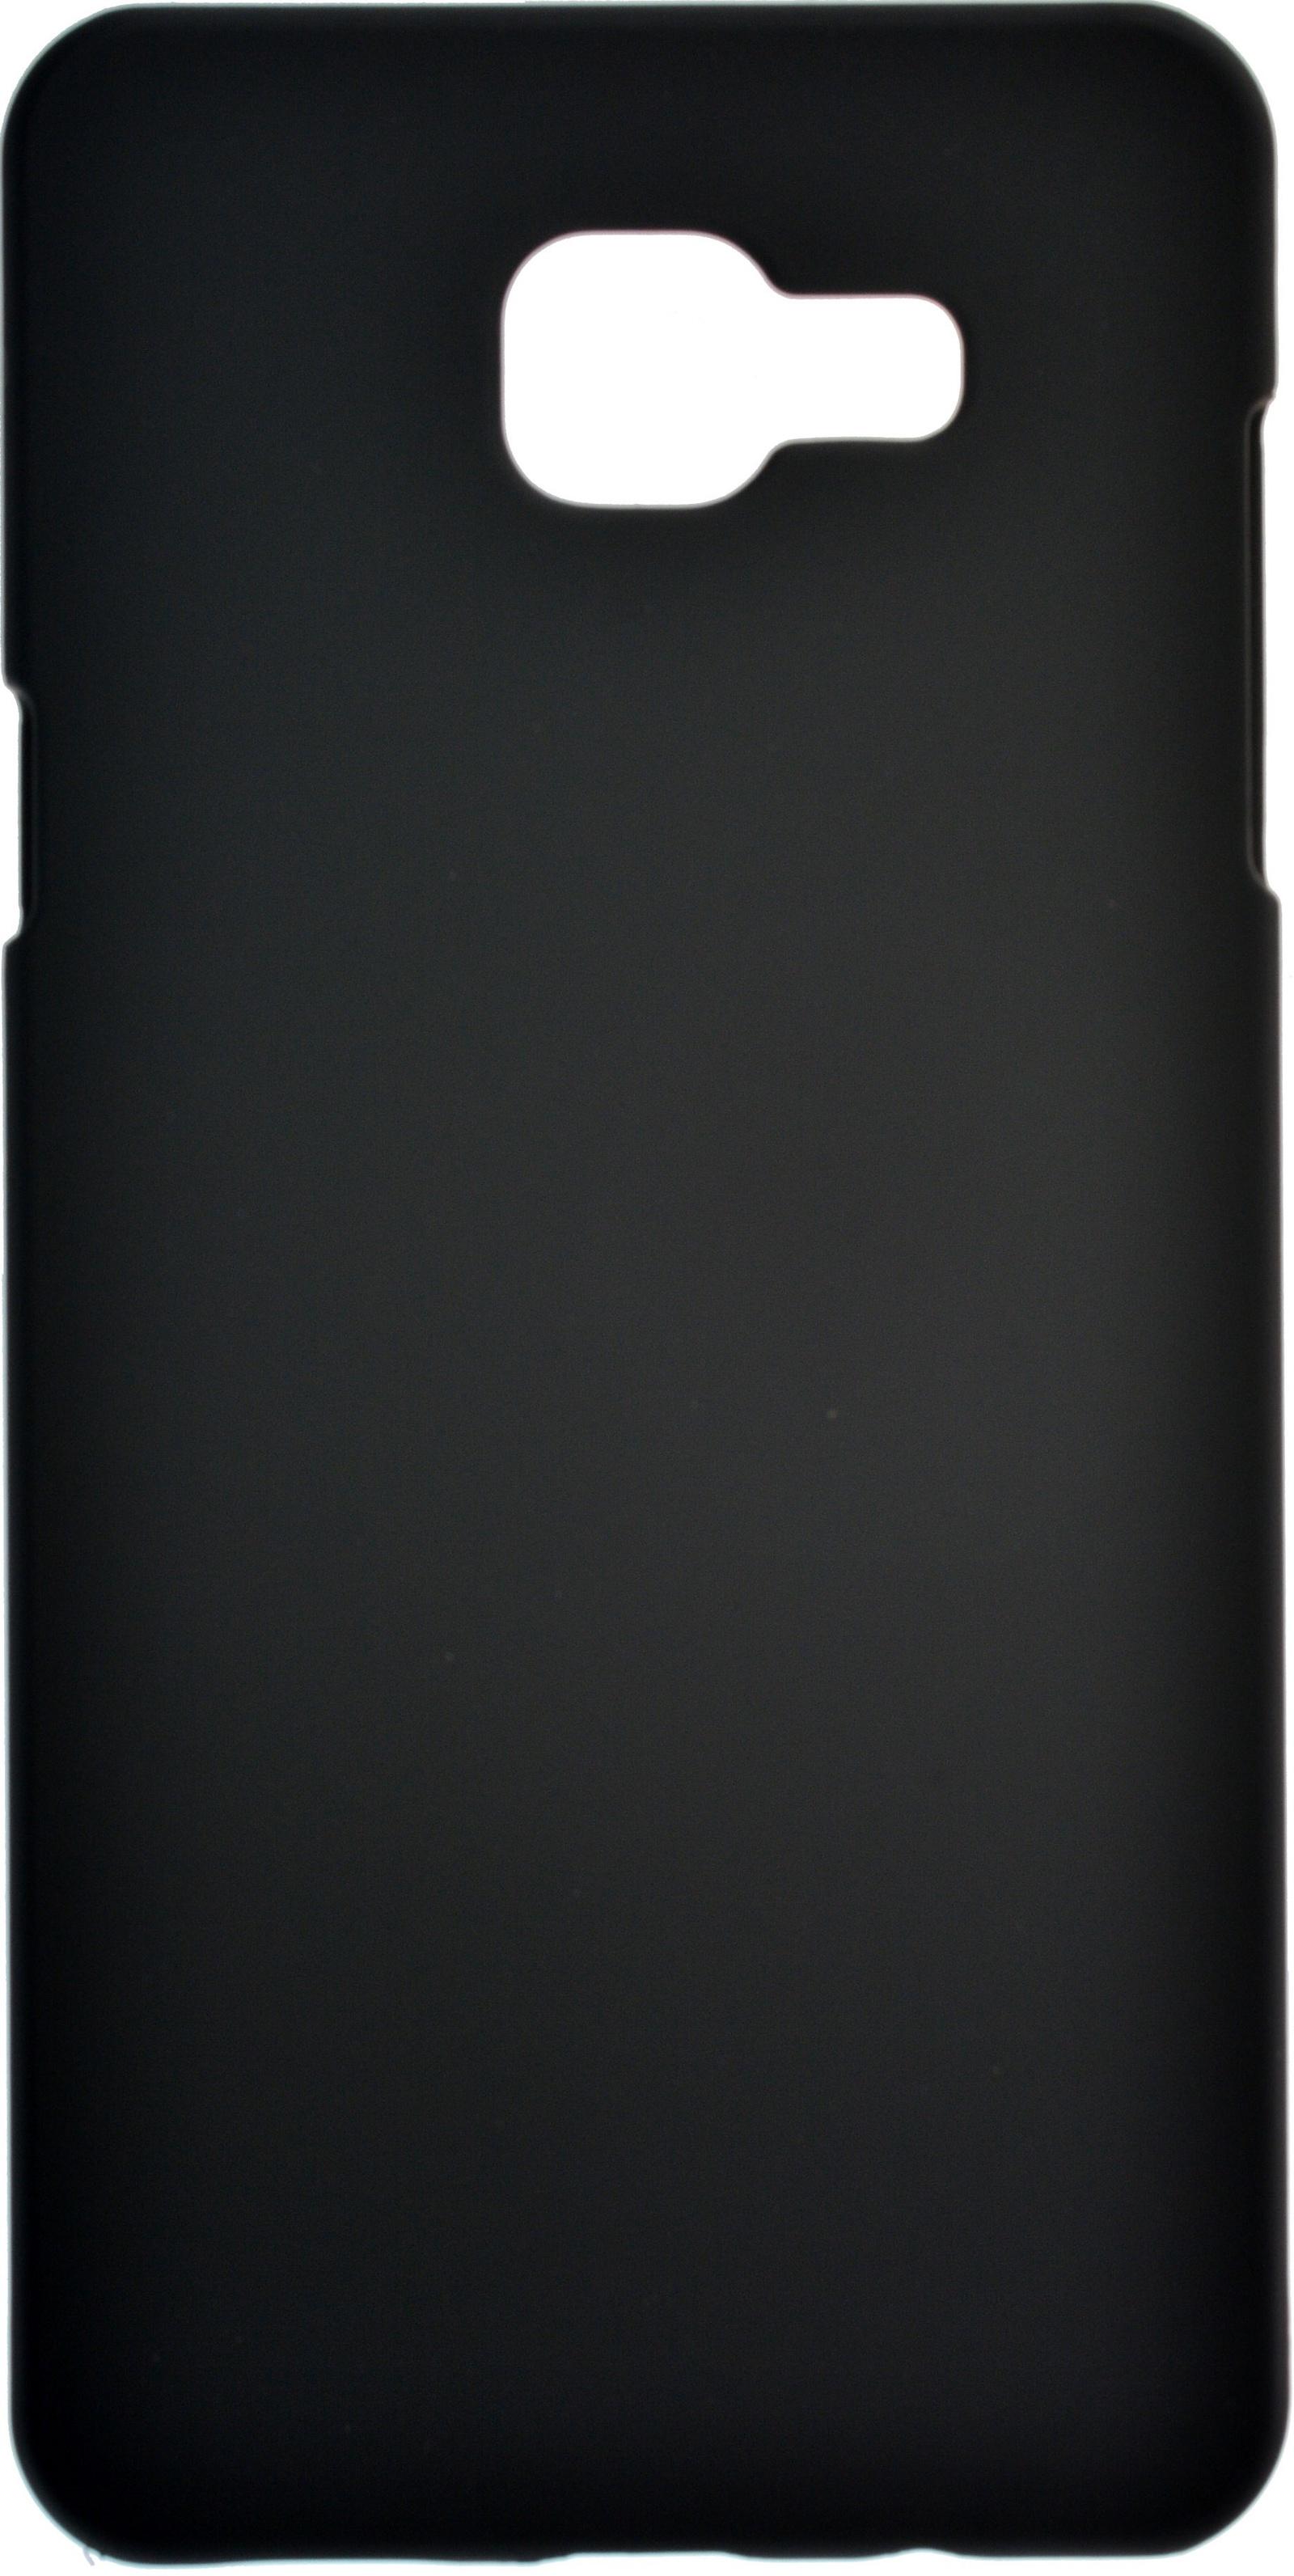 Чехол для сотового телефона skinBOX 4People, 4660041407181, черный skinbox 4people чехол для asus zenfone 2 ze551ml ze550ml